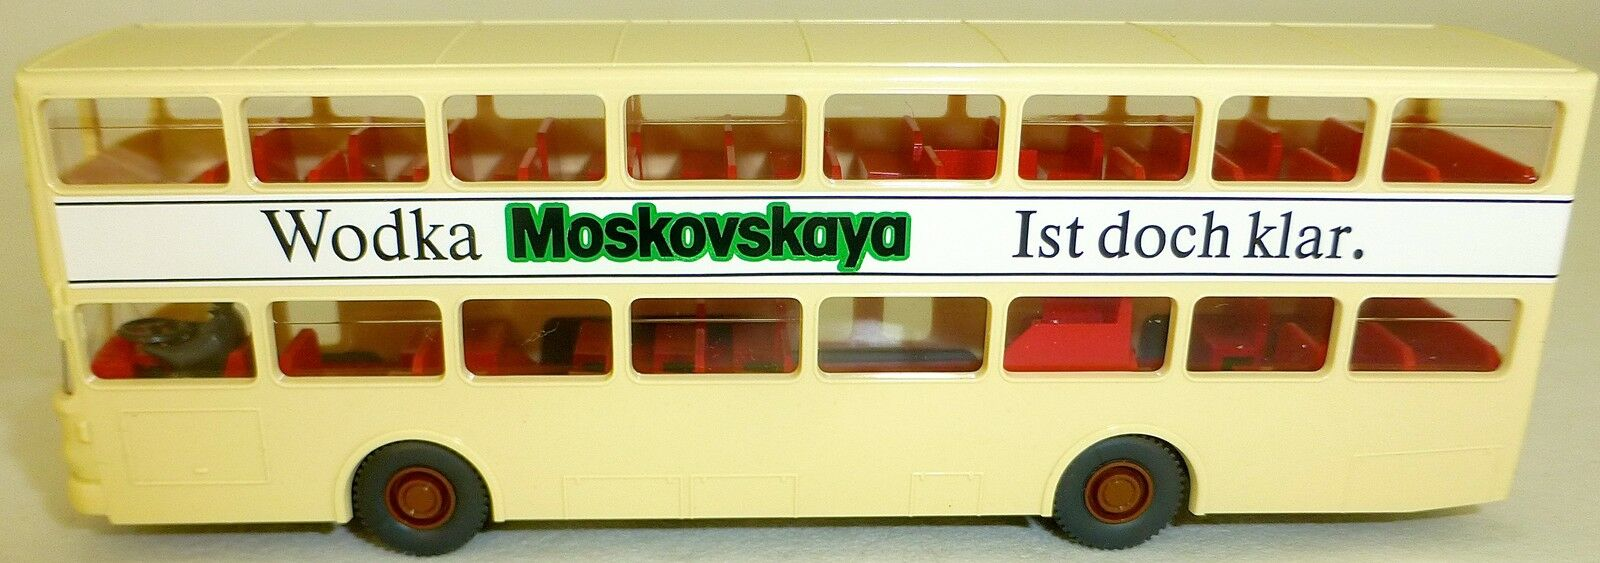 Moskovskaya Autobús de Publicidad 69 Reichstag Impreso Man SD 200 Aus Wiking Bus